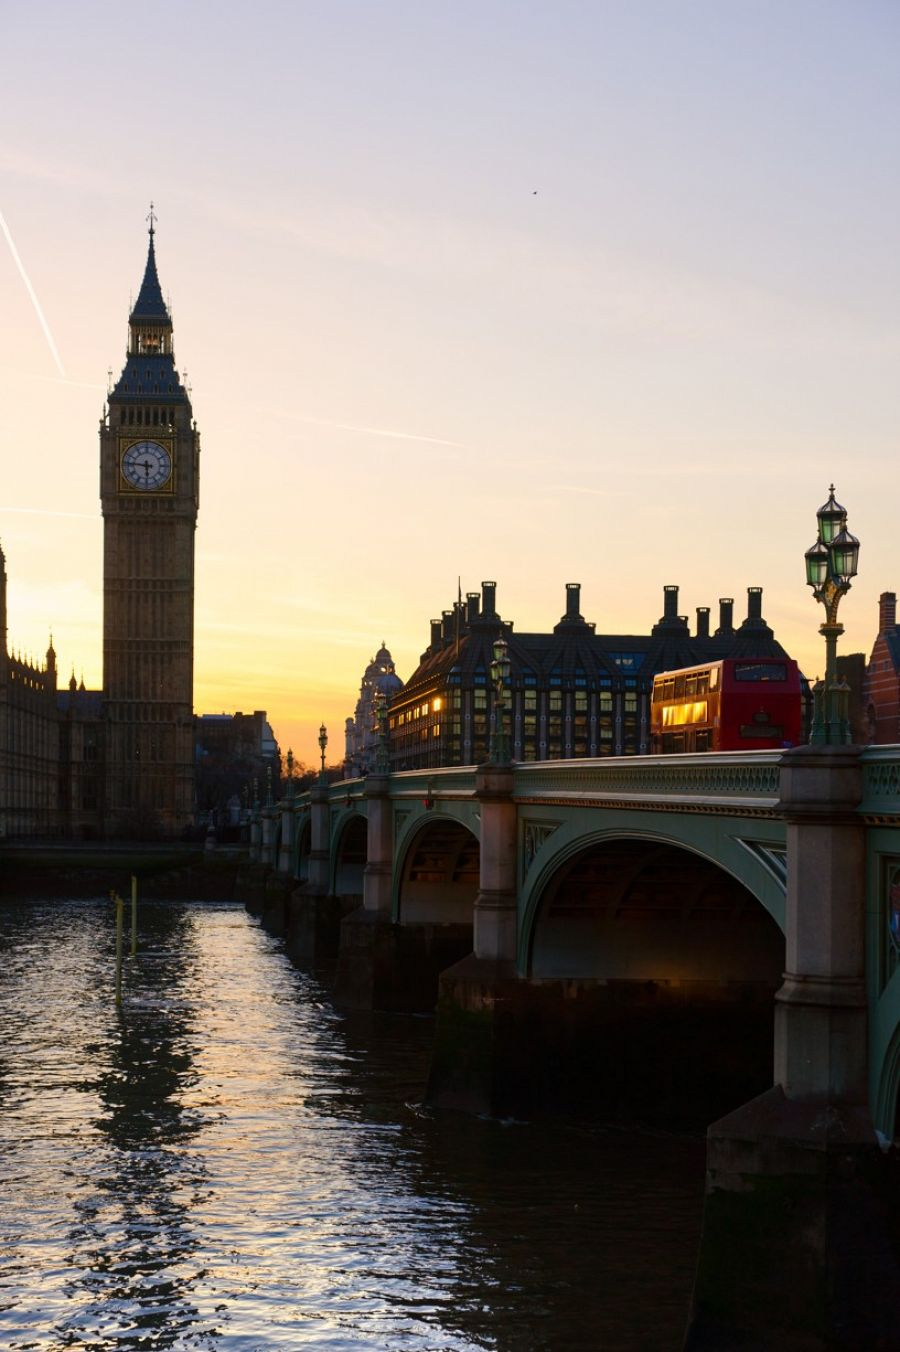 Londyn_pohled_na_Big_Ben